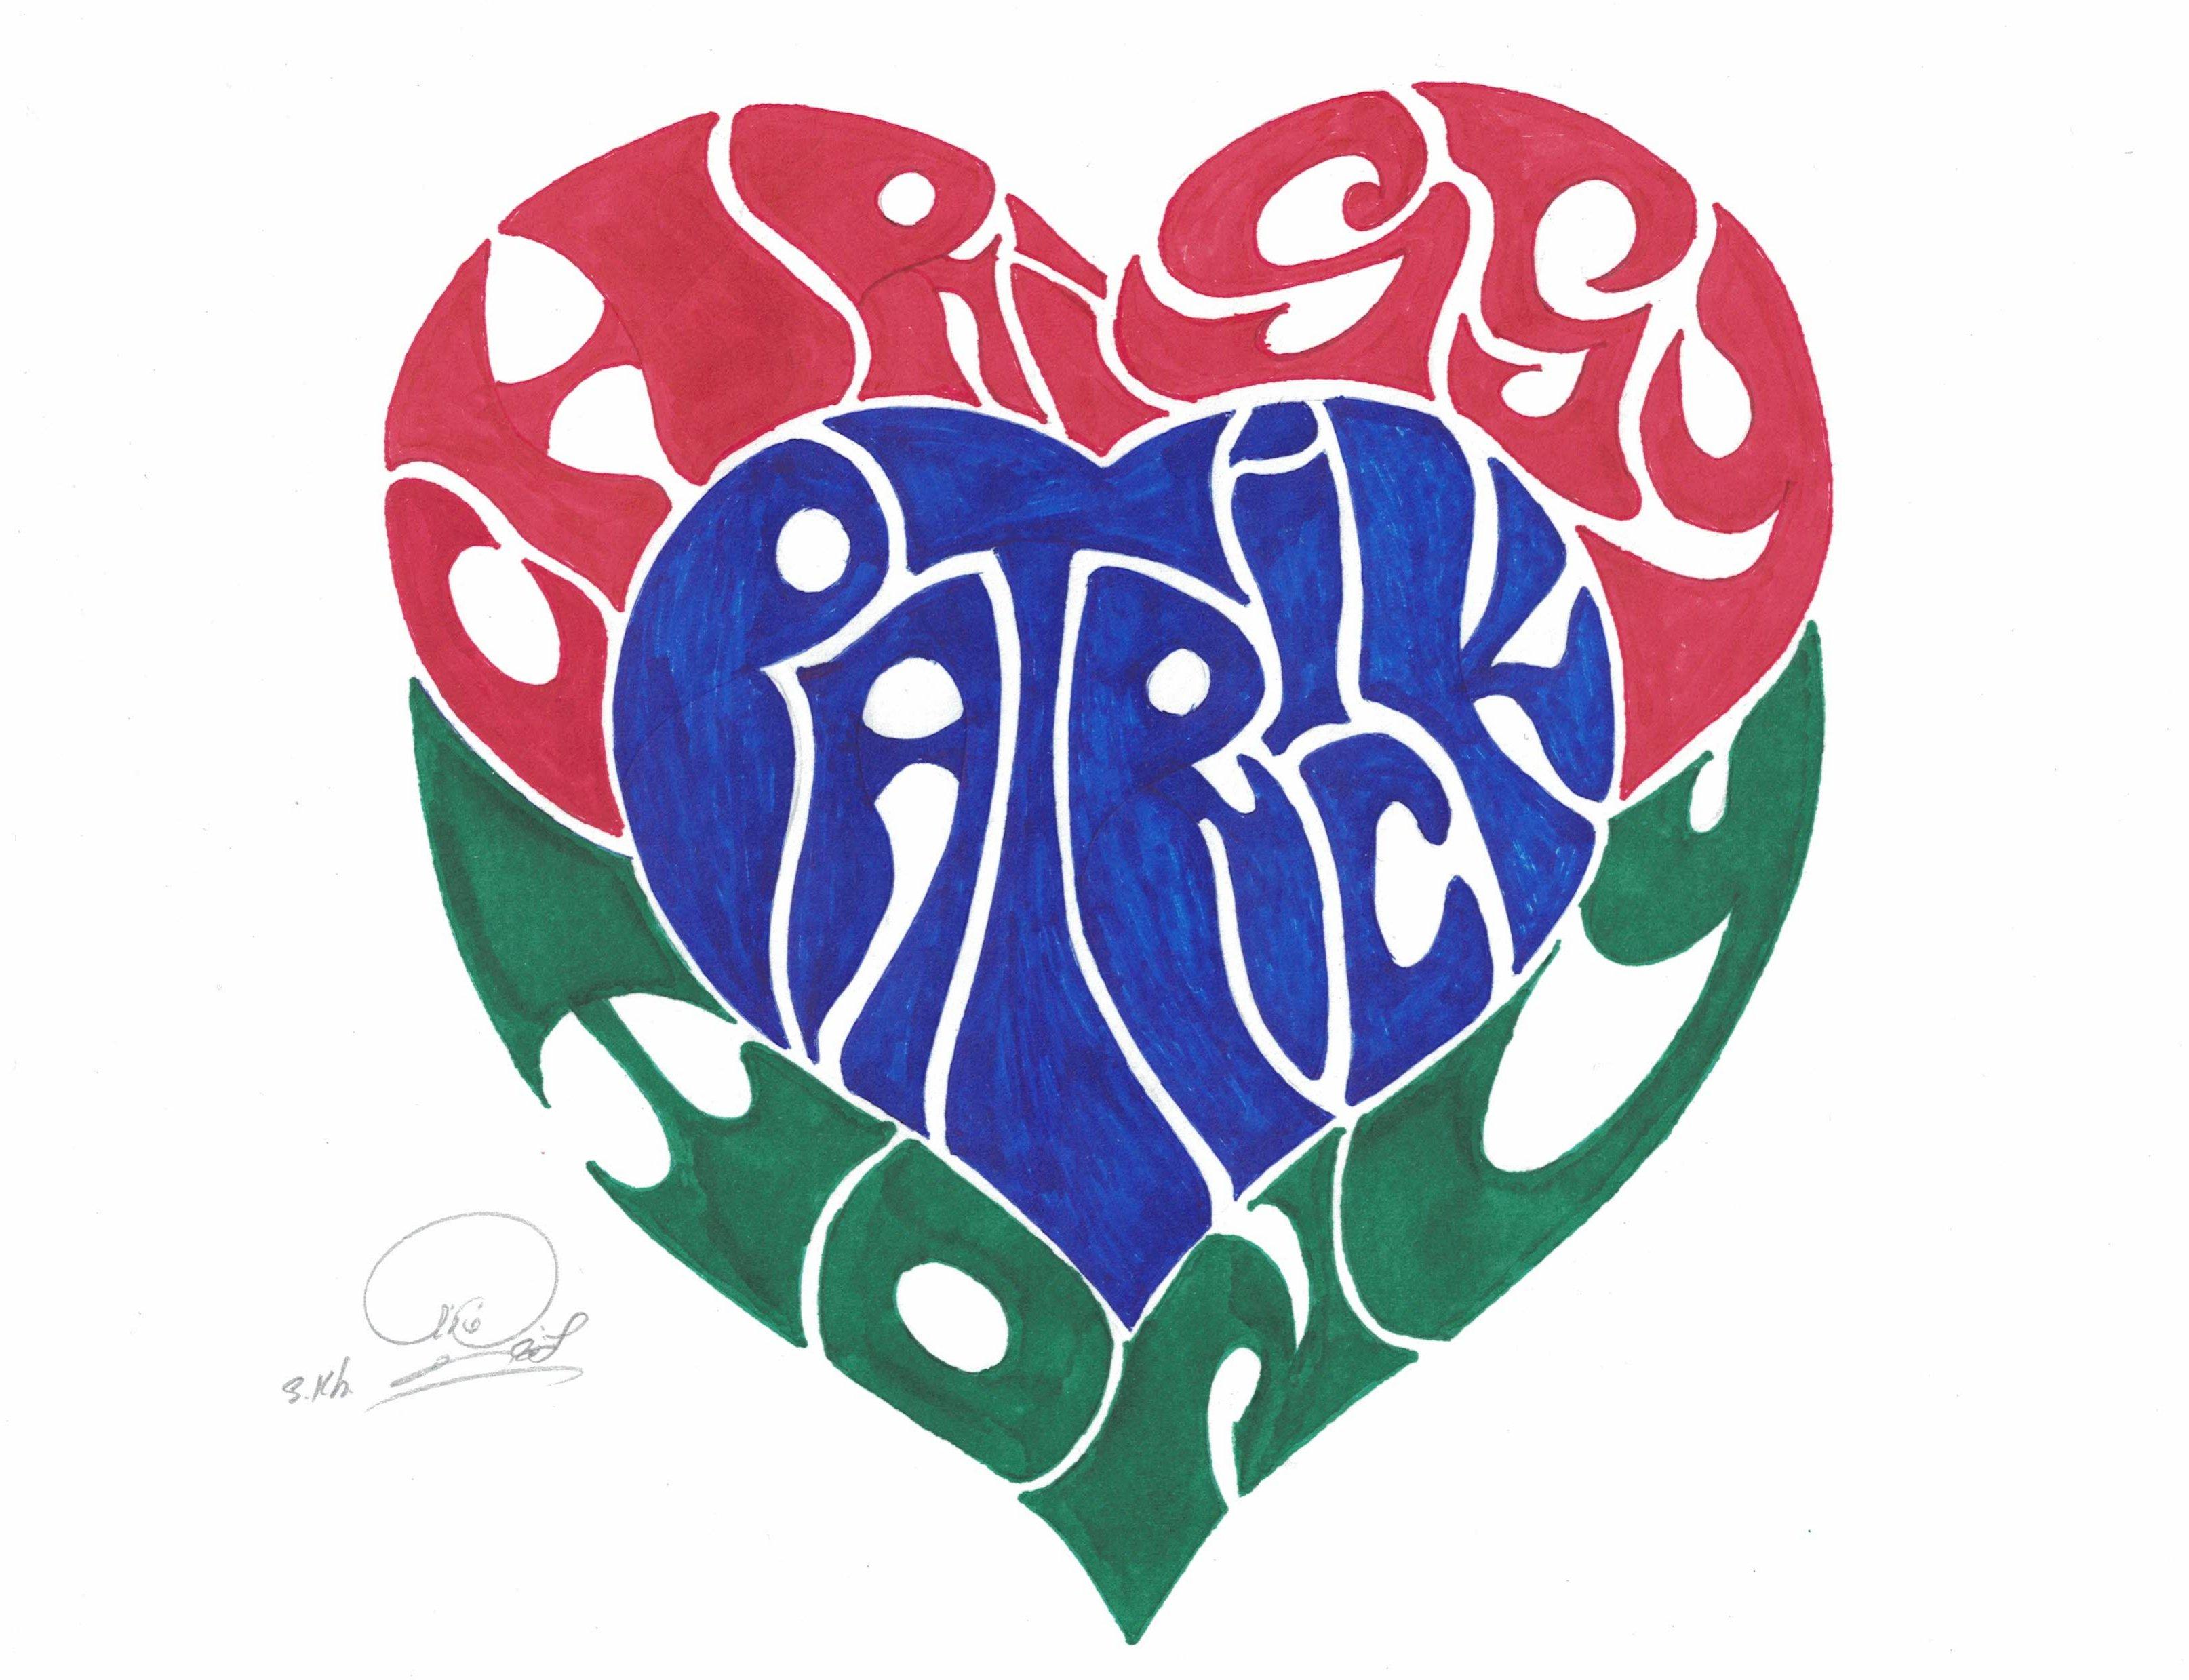 Chrissy Patrick Hony Heart